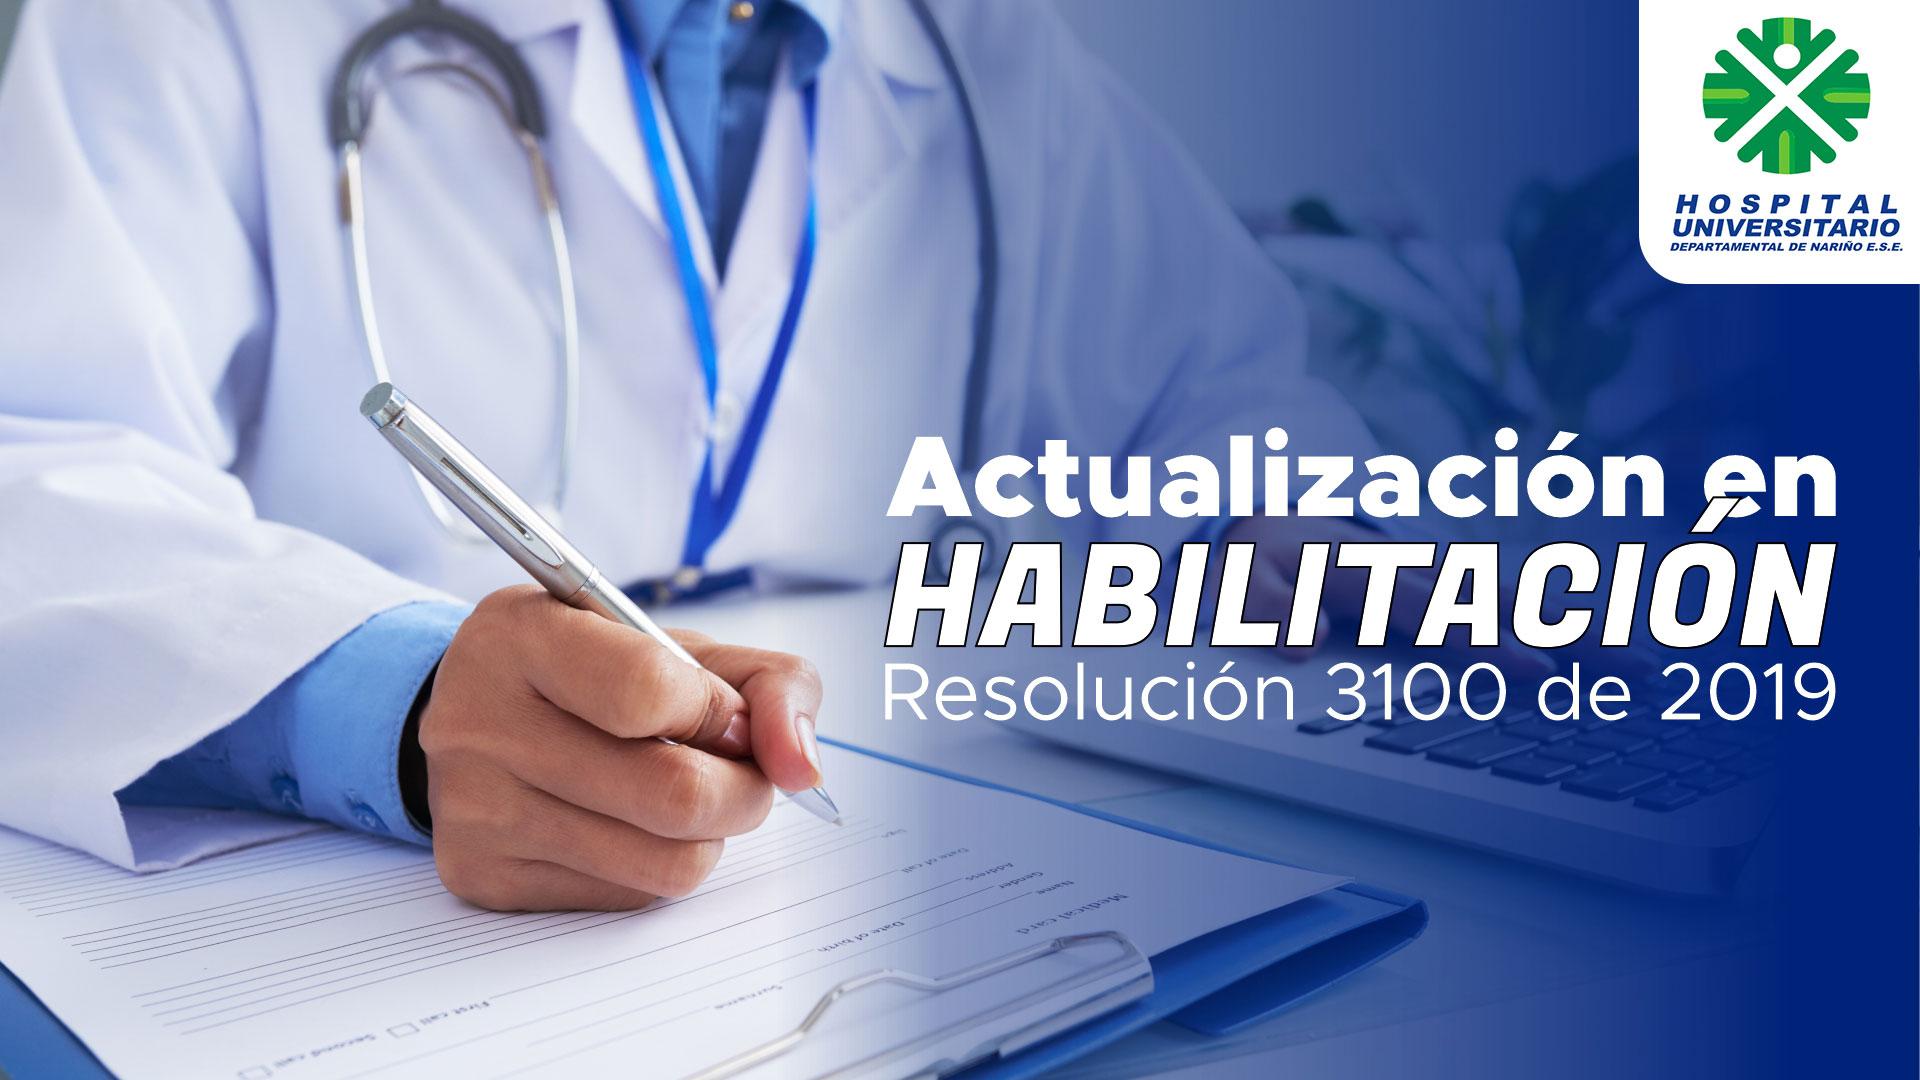 Course Image CURSO DE ACTUALIZACIÓN EN HABILITACIÓN: RESOLUCIÓN 3100 DE 2019